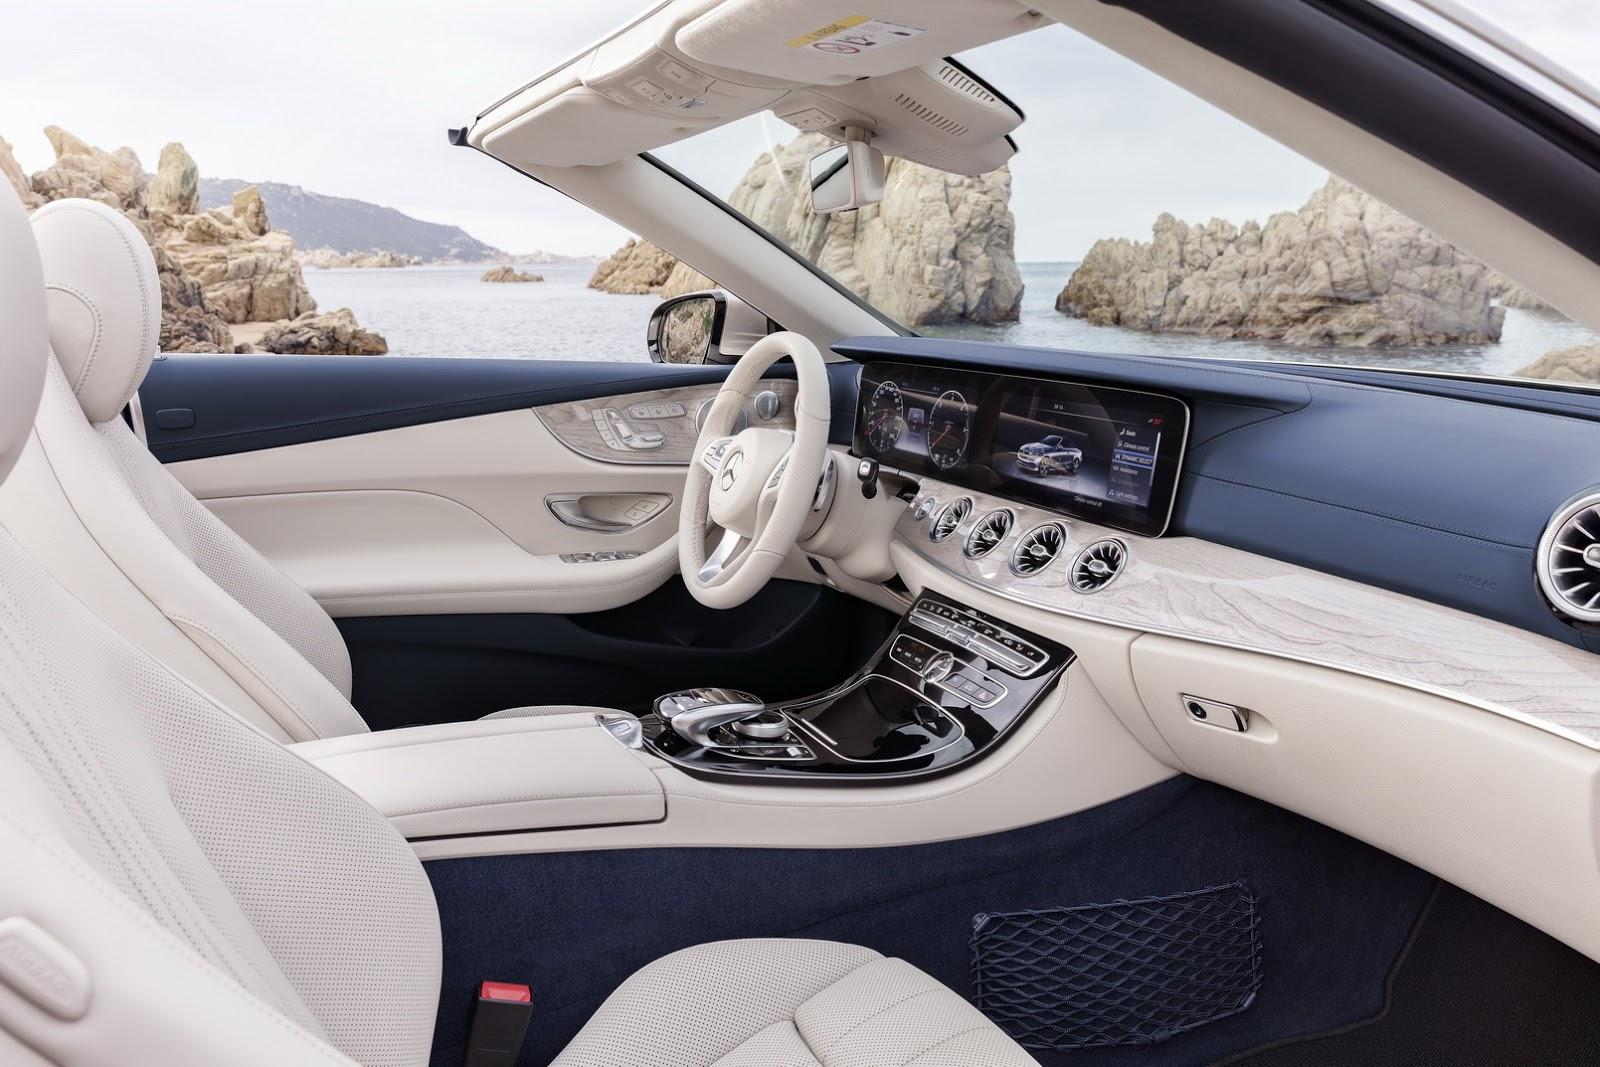 Mercedes E-Class Cabriolet 2018 (40)